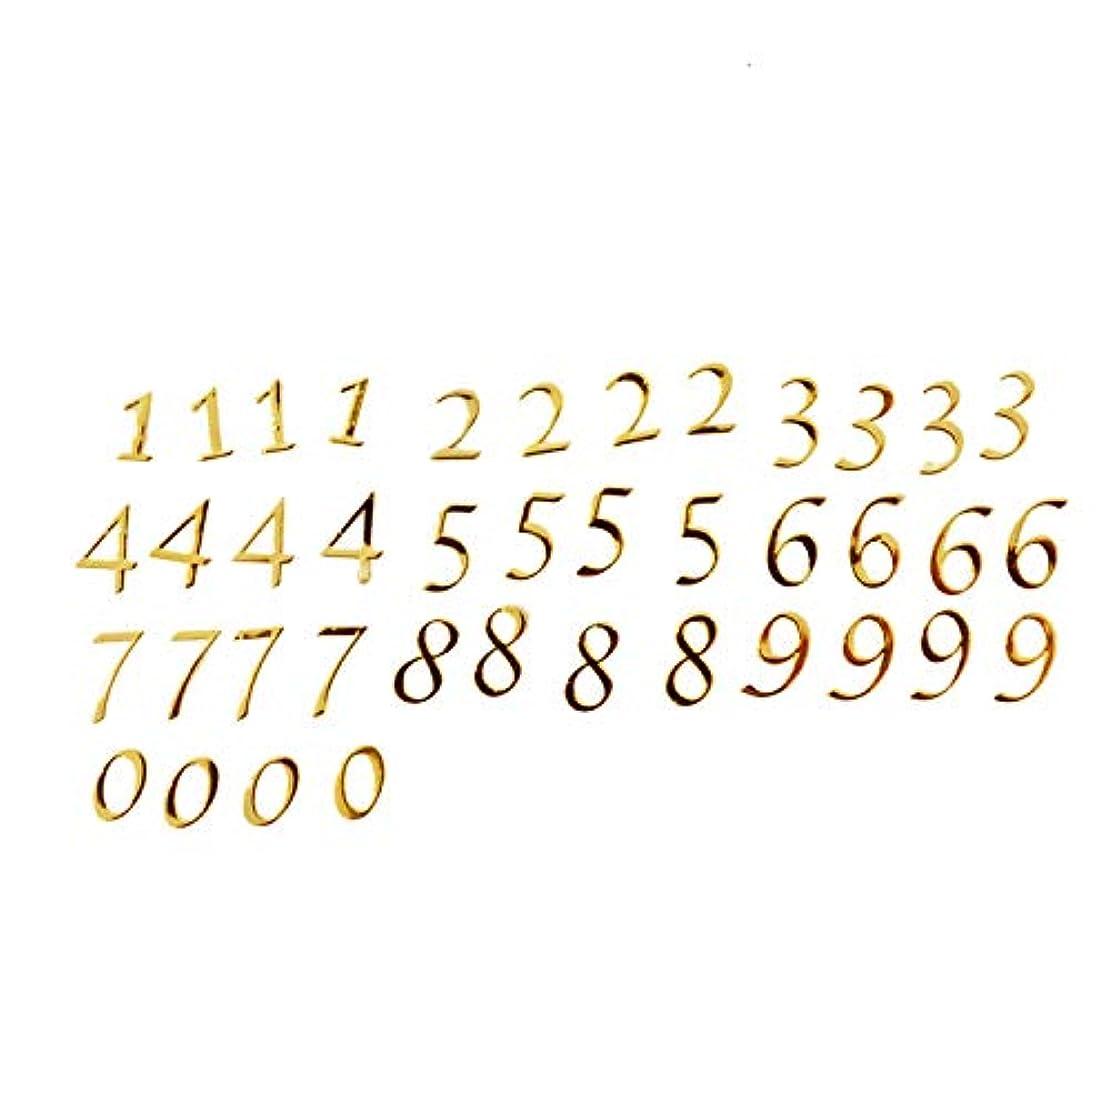 タクト同時あなたのもの数字のメタルパーツ0から9まで4枚ずつ、合計40枚セット